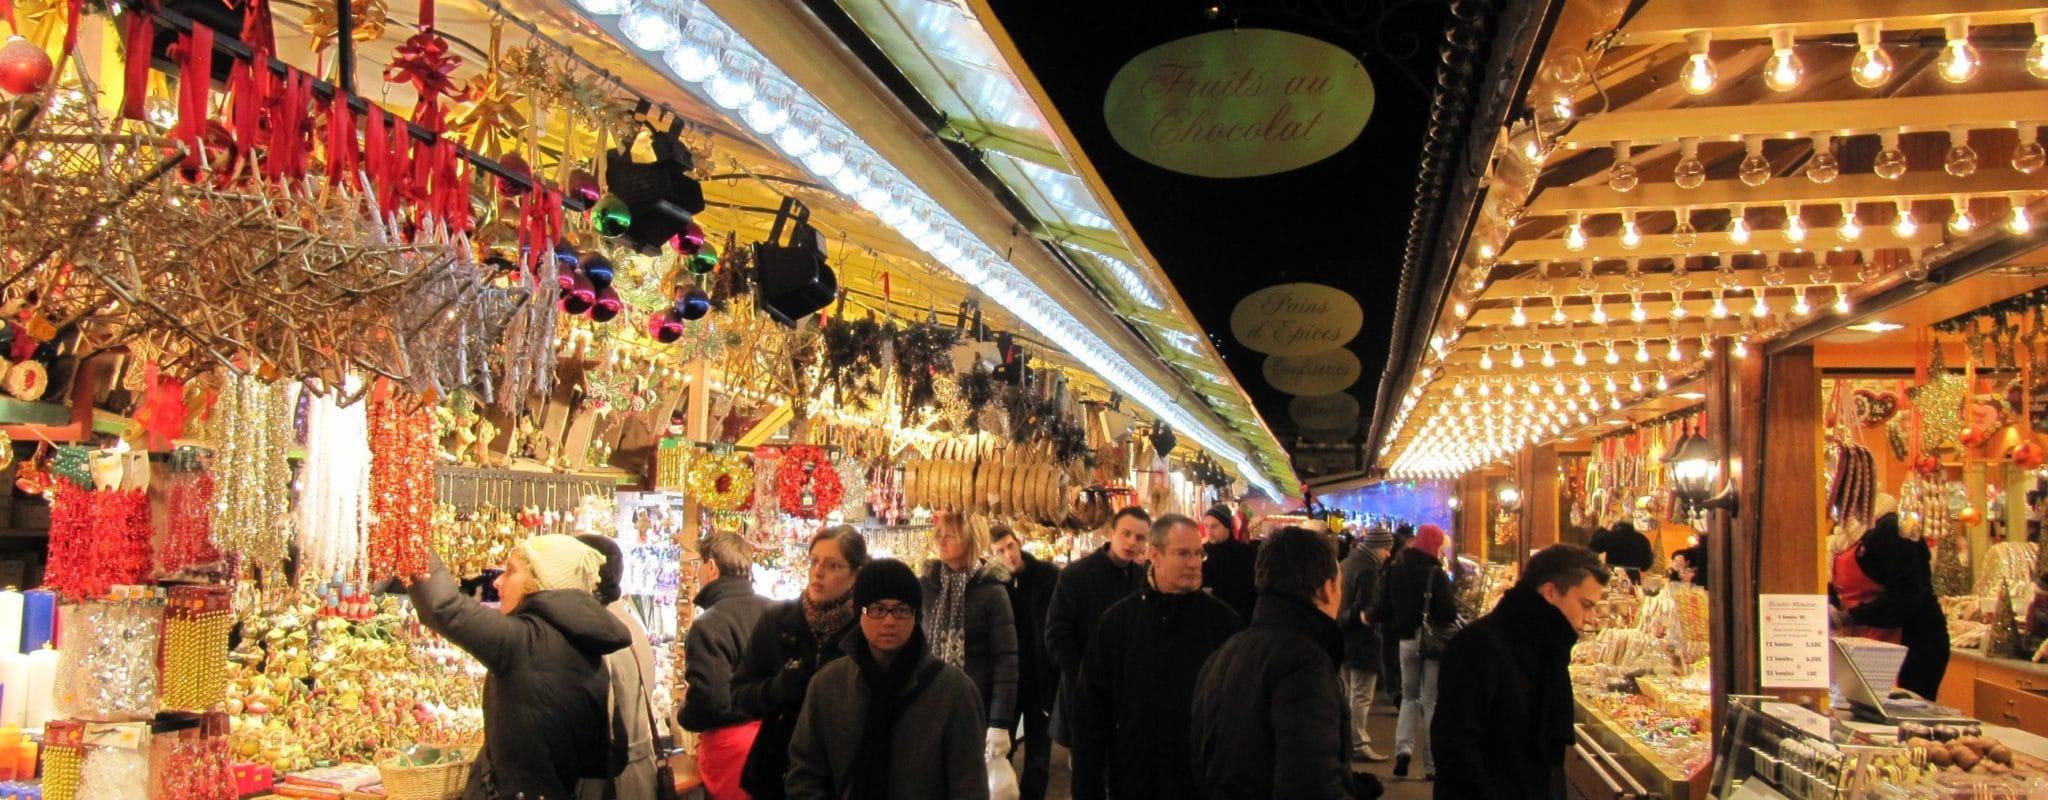 Pour rester magique, le Marché de Noël de Strasbourg se démultiplie